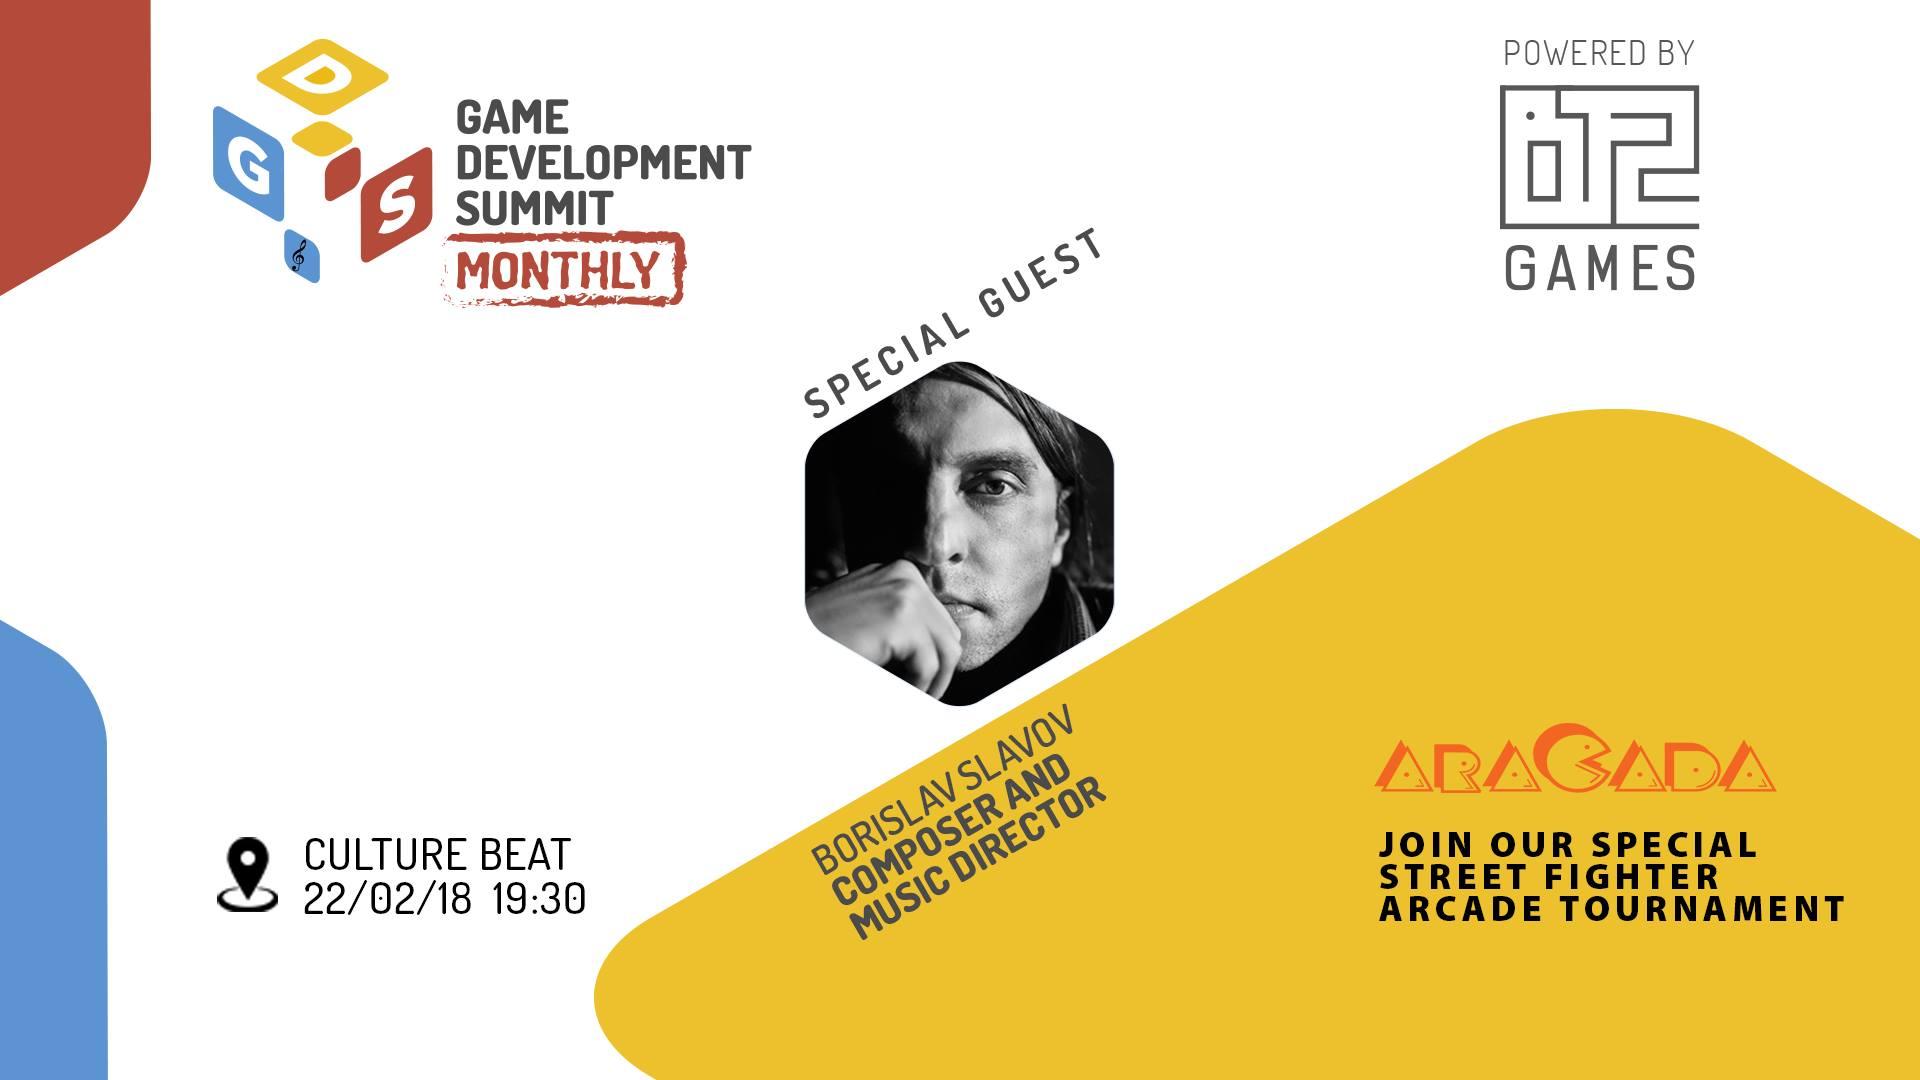 Четвъртото издание на Game Dev Summit Monthly, което се осъществява